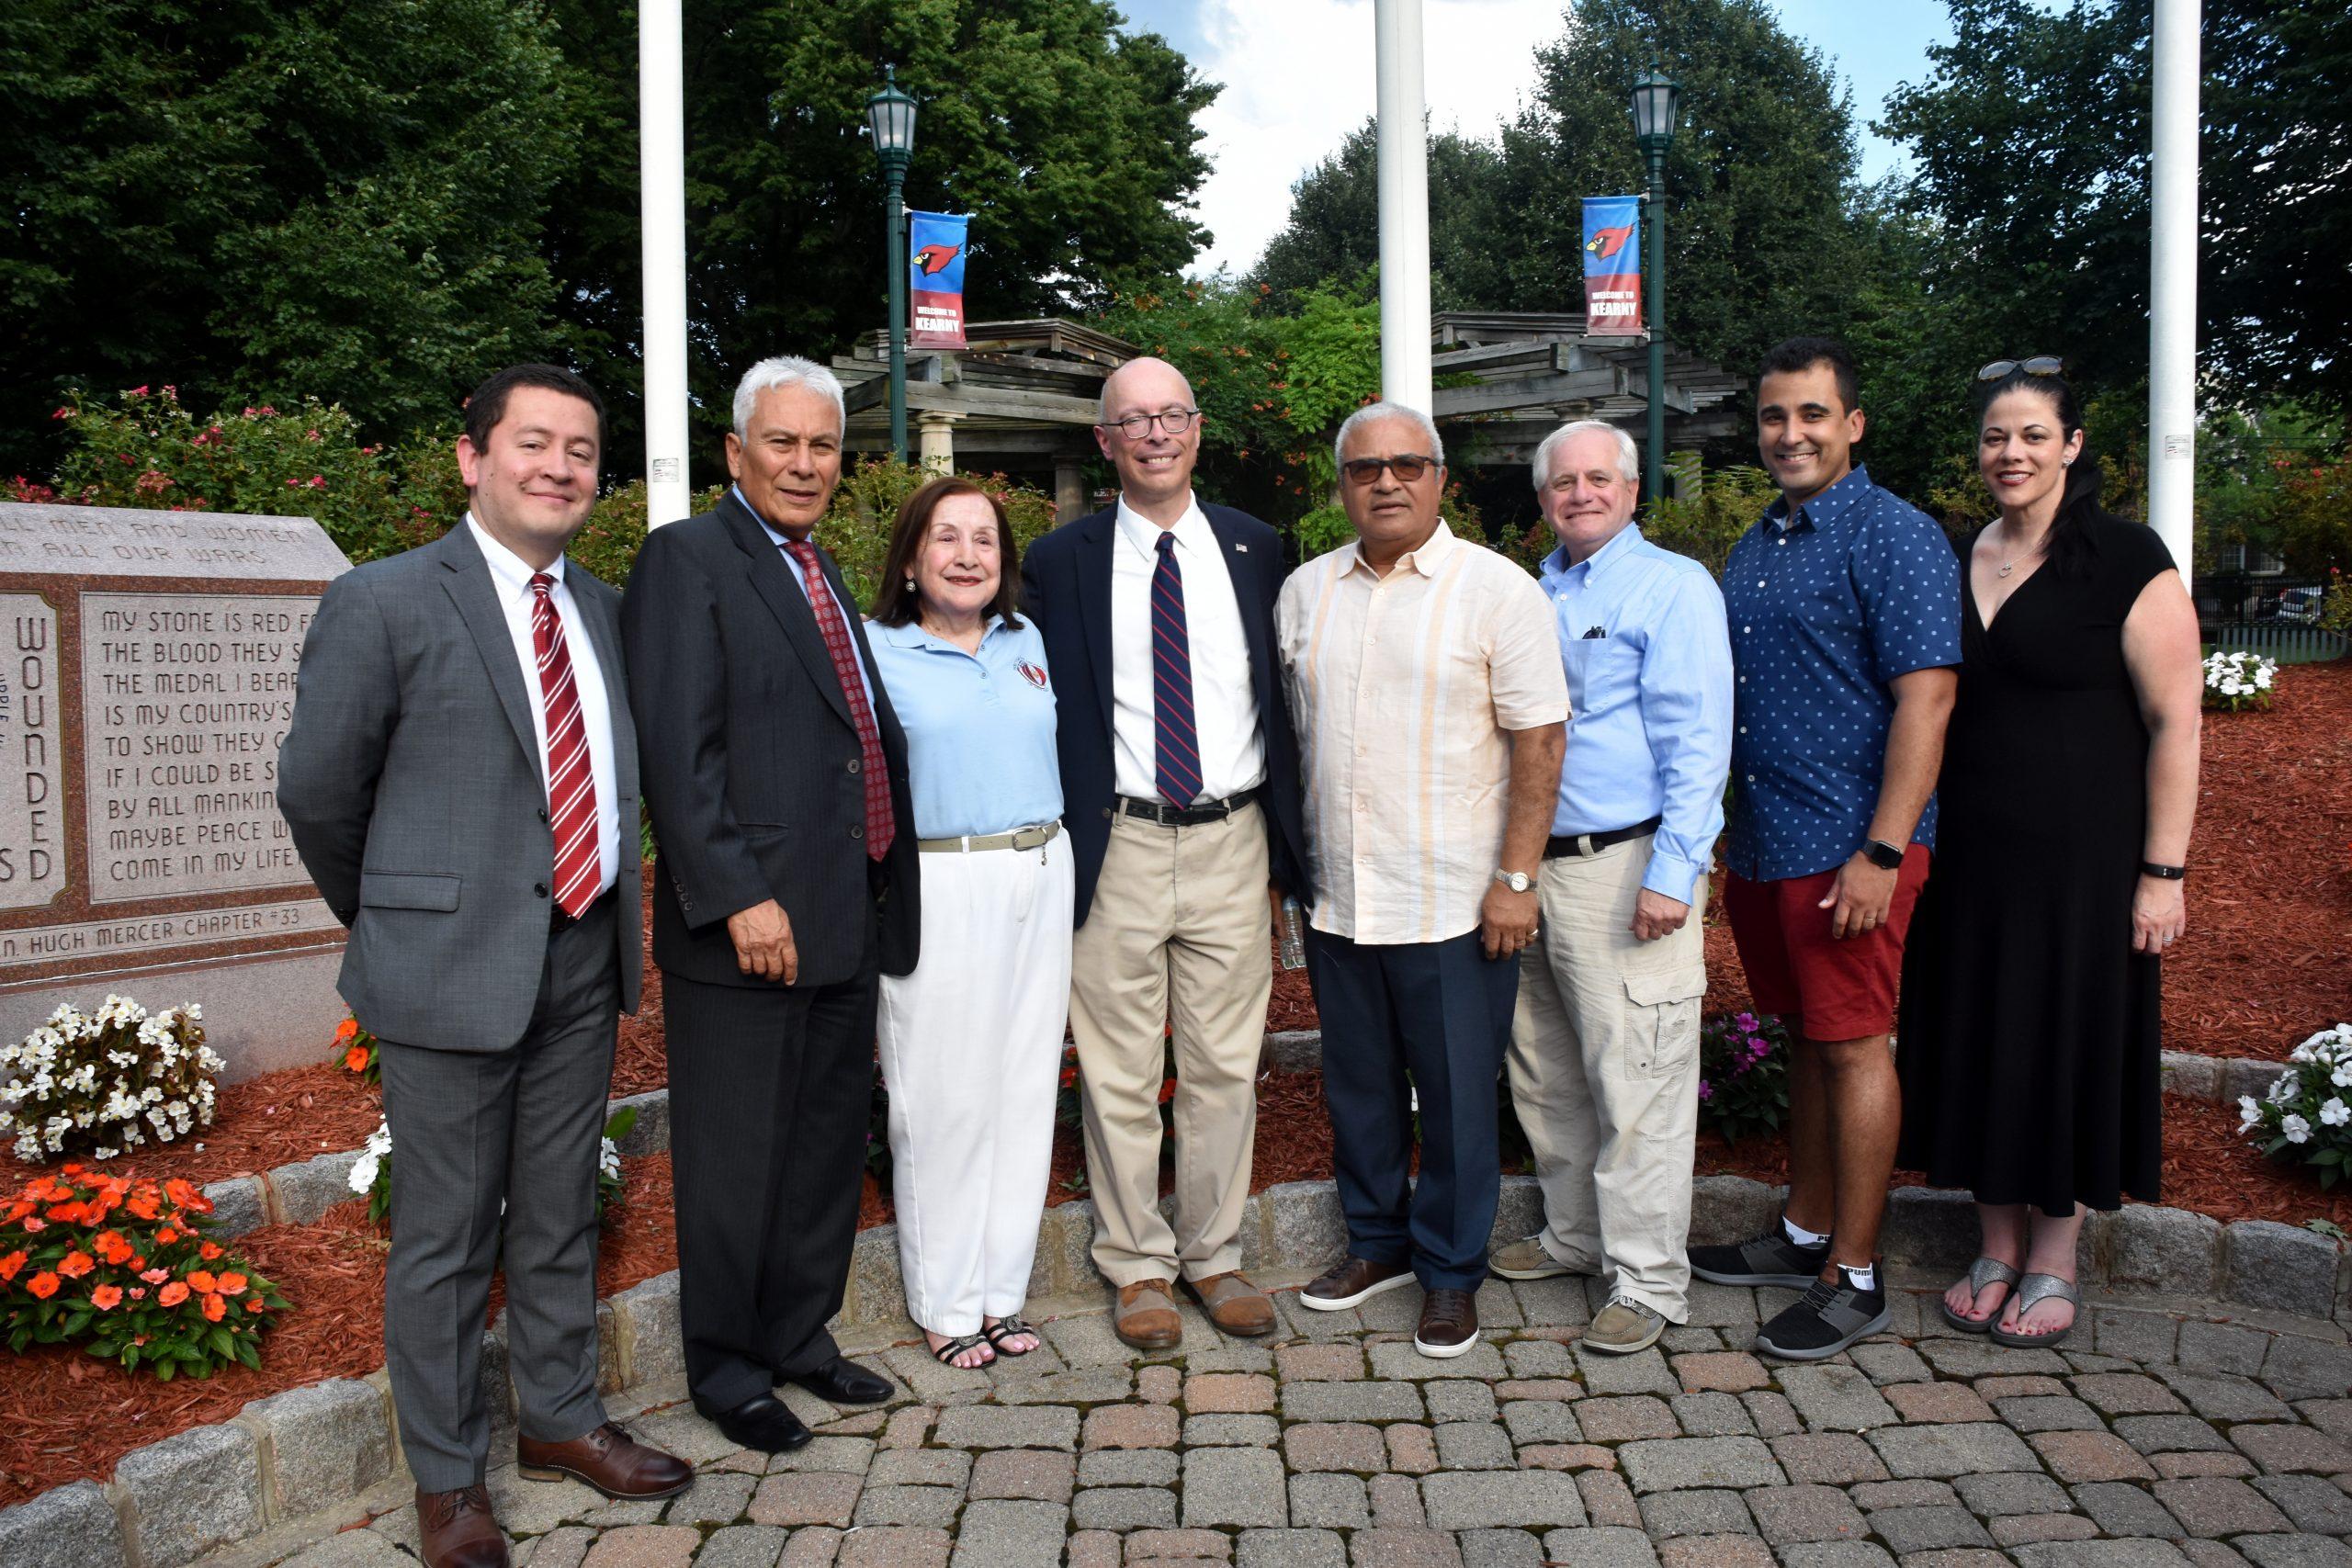 2021-07-09 PERUVIAN FLAG RAISING AT TOWN HALL 7-9-2021_00096